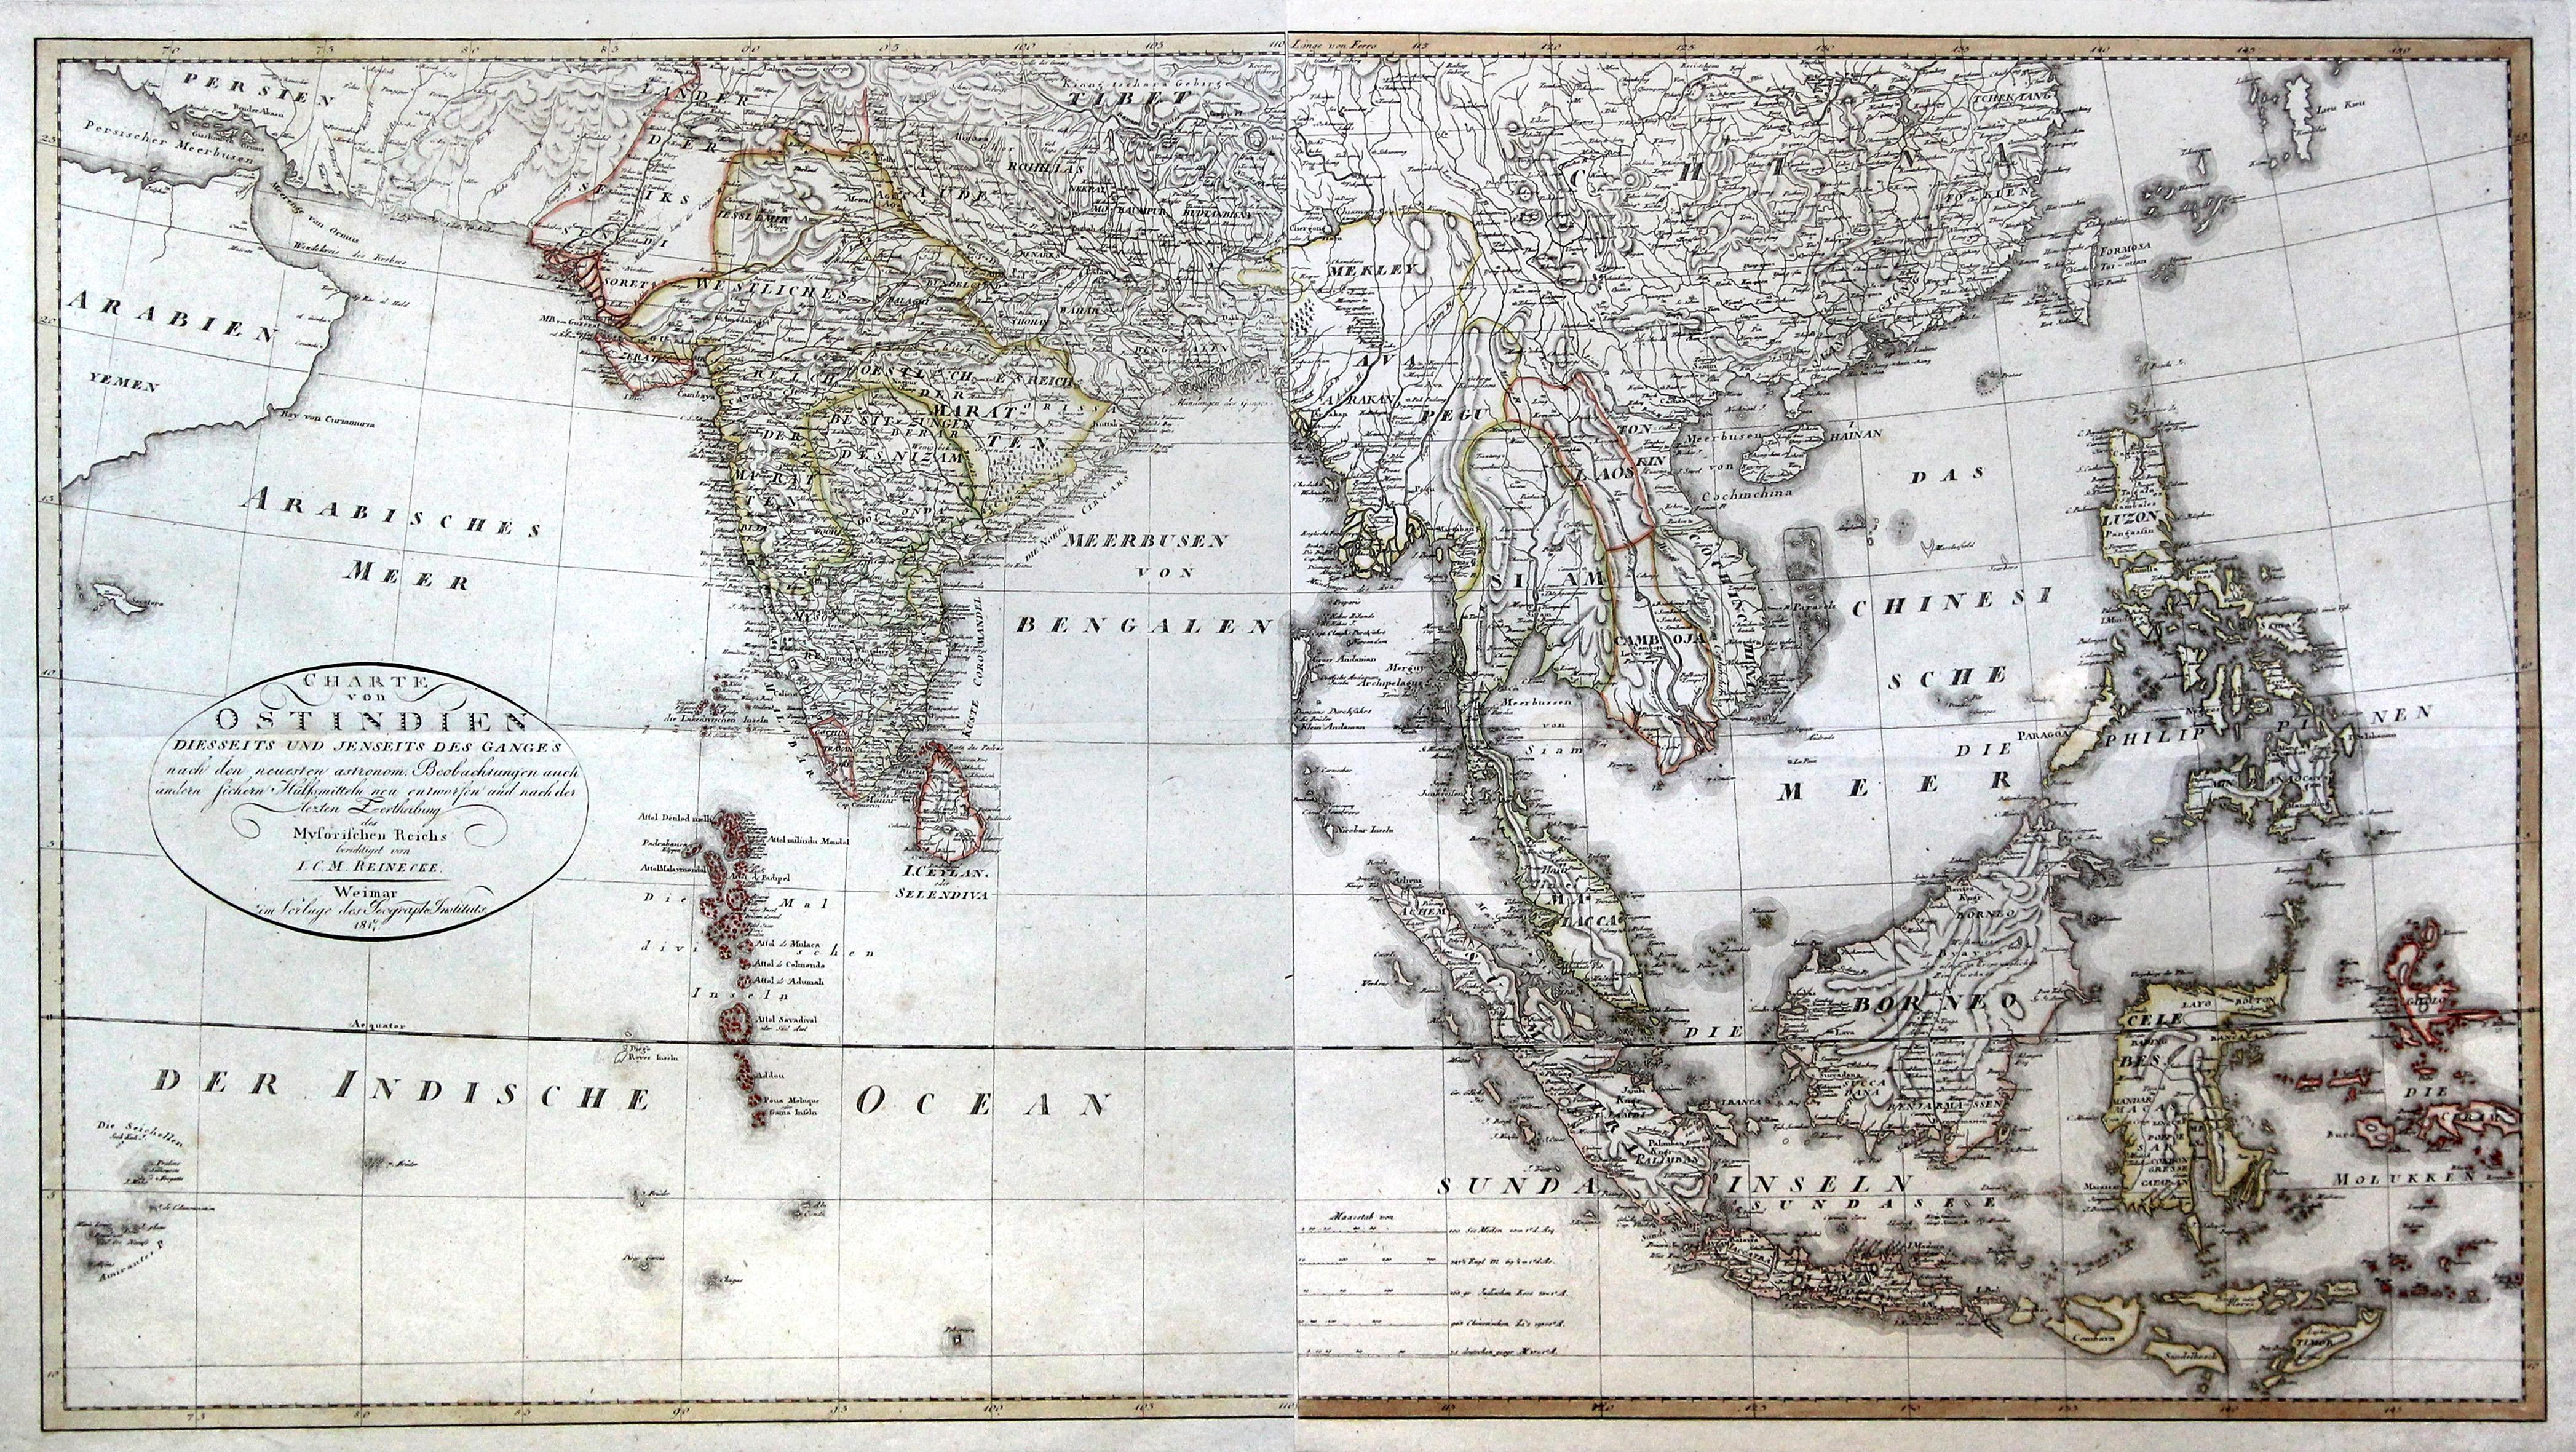 Kst.- Karte, bestehend aus 2 zusammensetzbaren Blättern: Indien - Südostasien